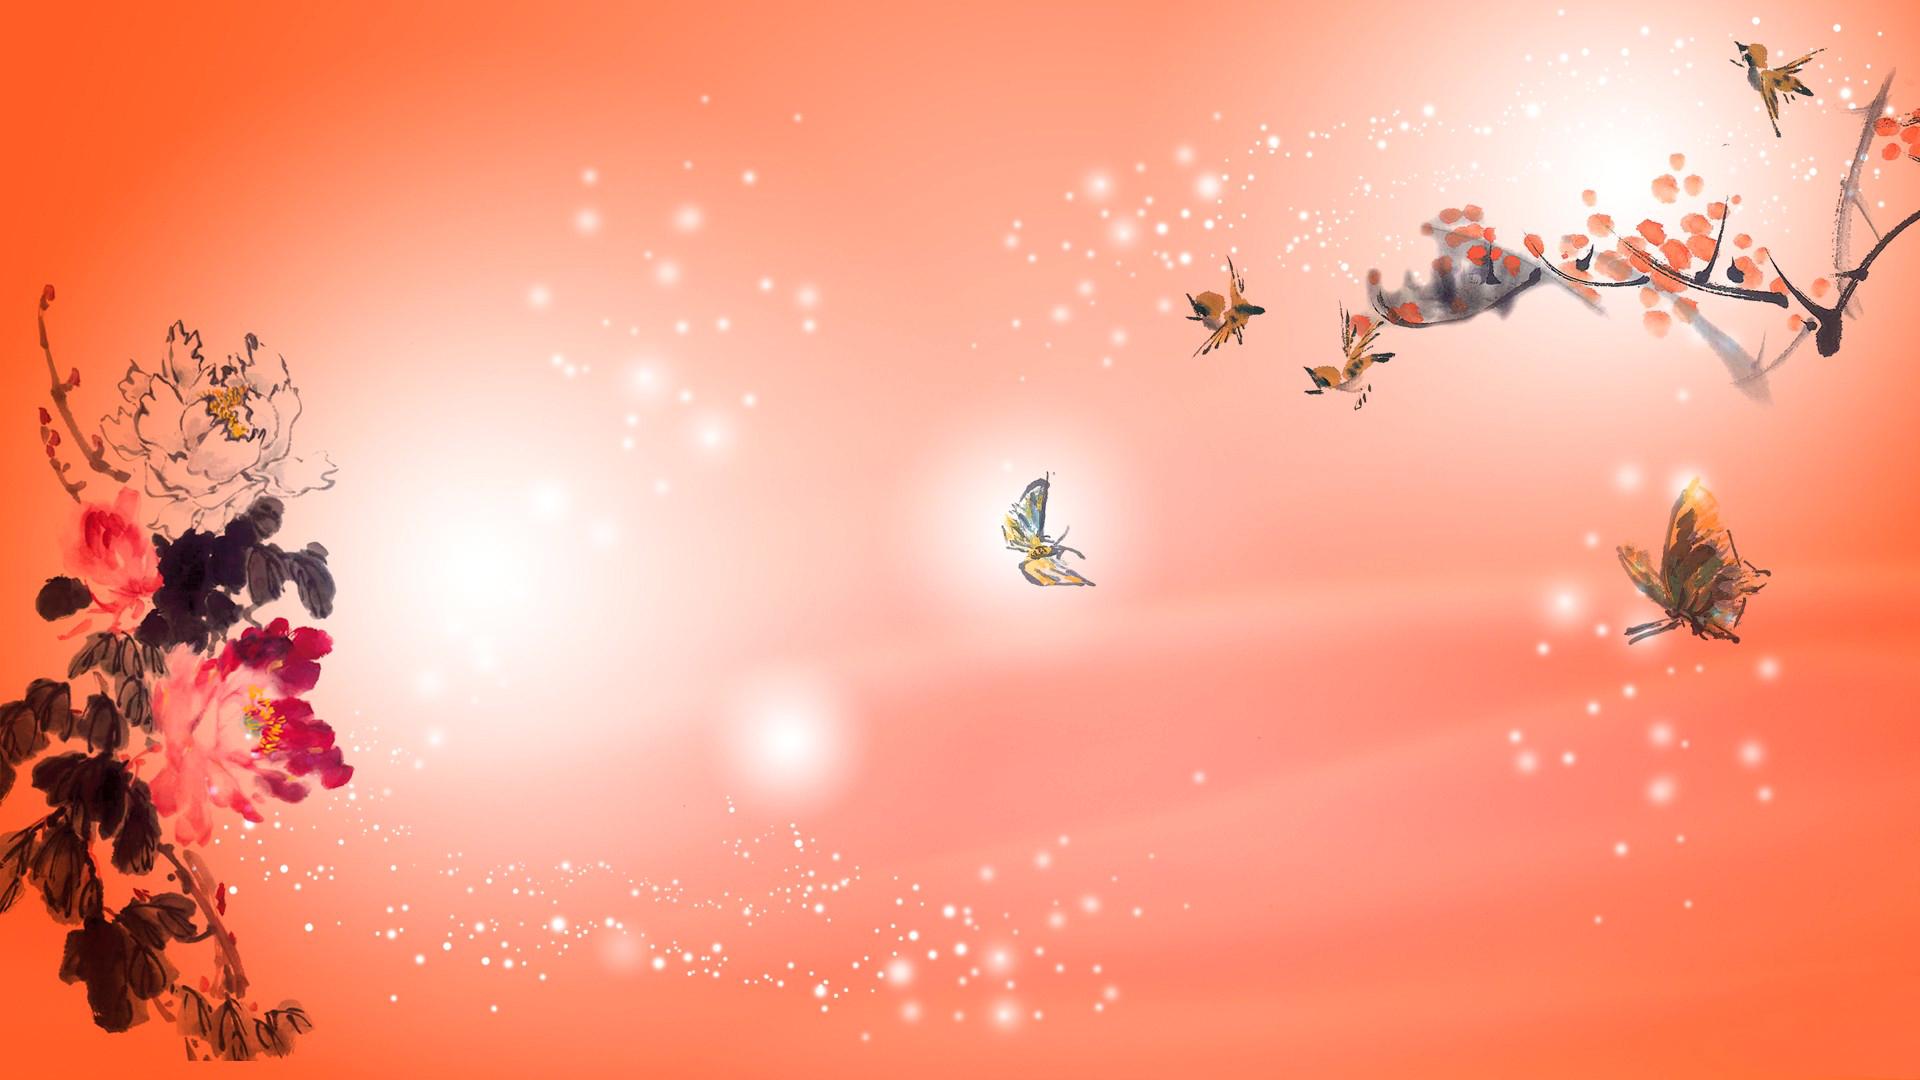 бабочки из лепестков  № 2303880 бесплатно